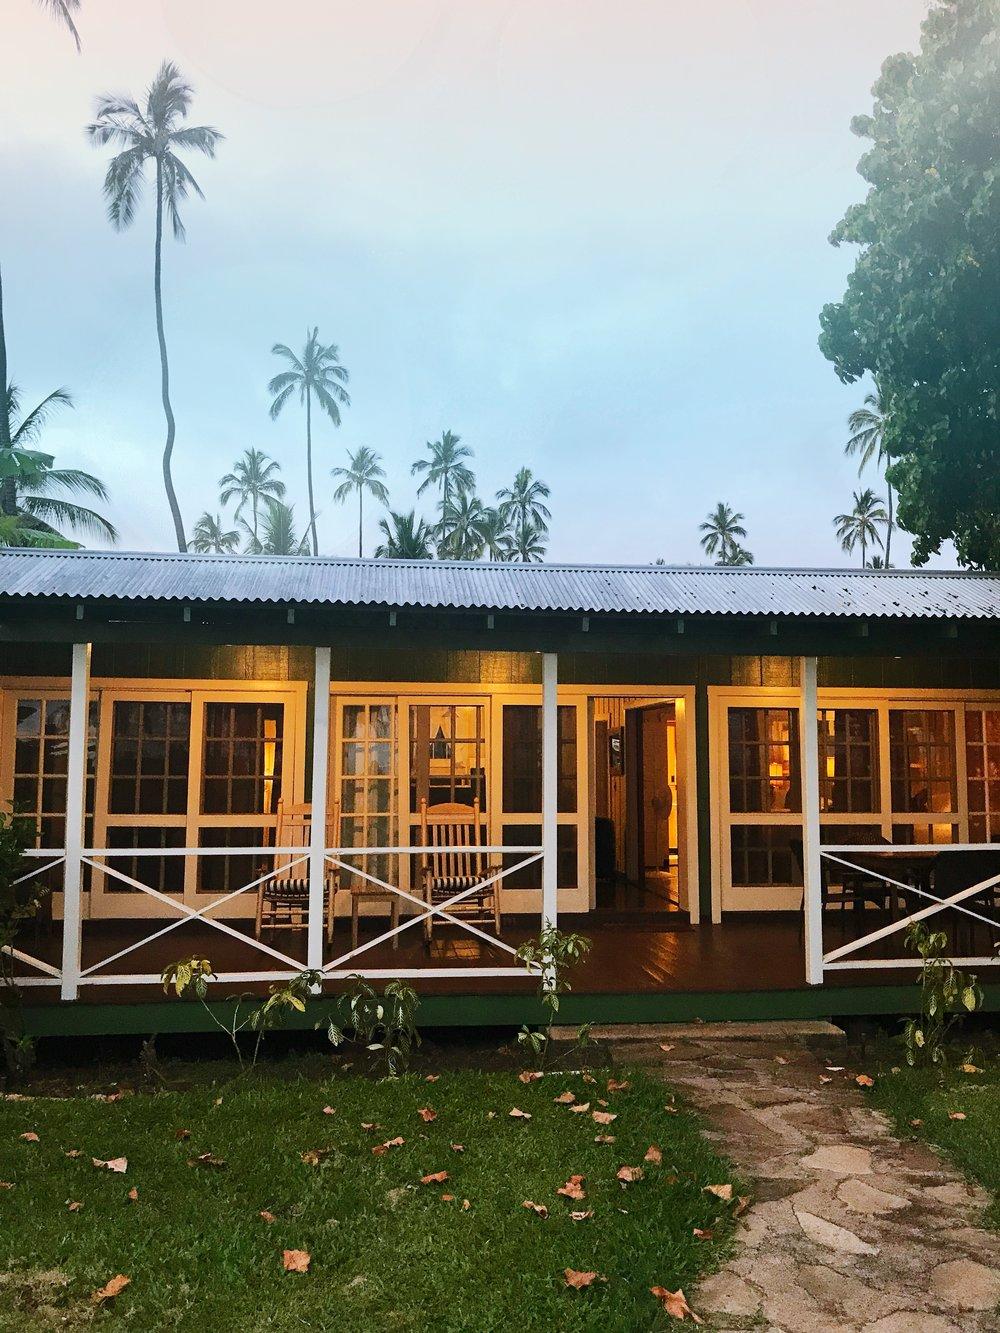 Waimea_Plantation_Cottages